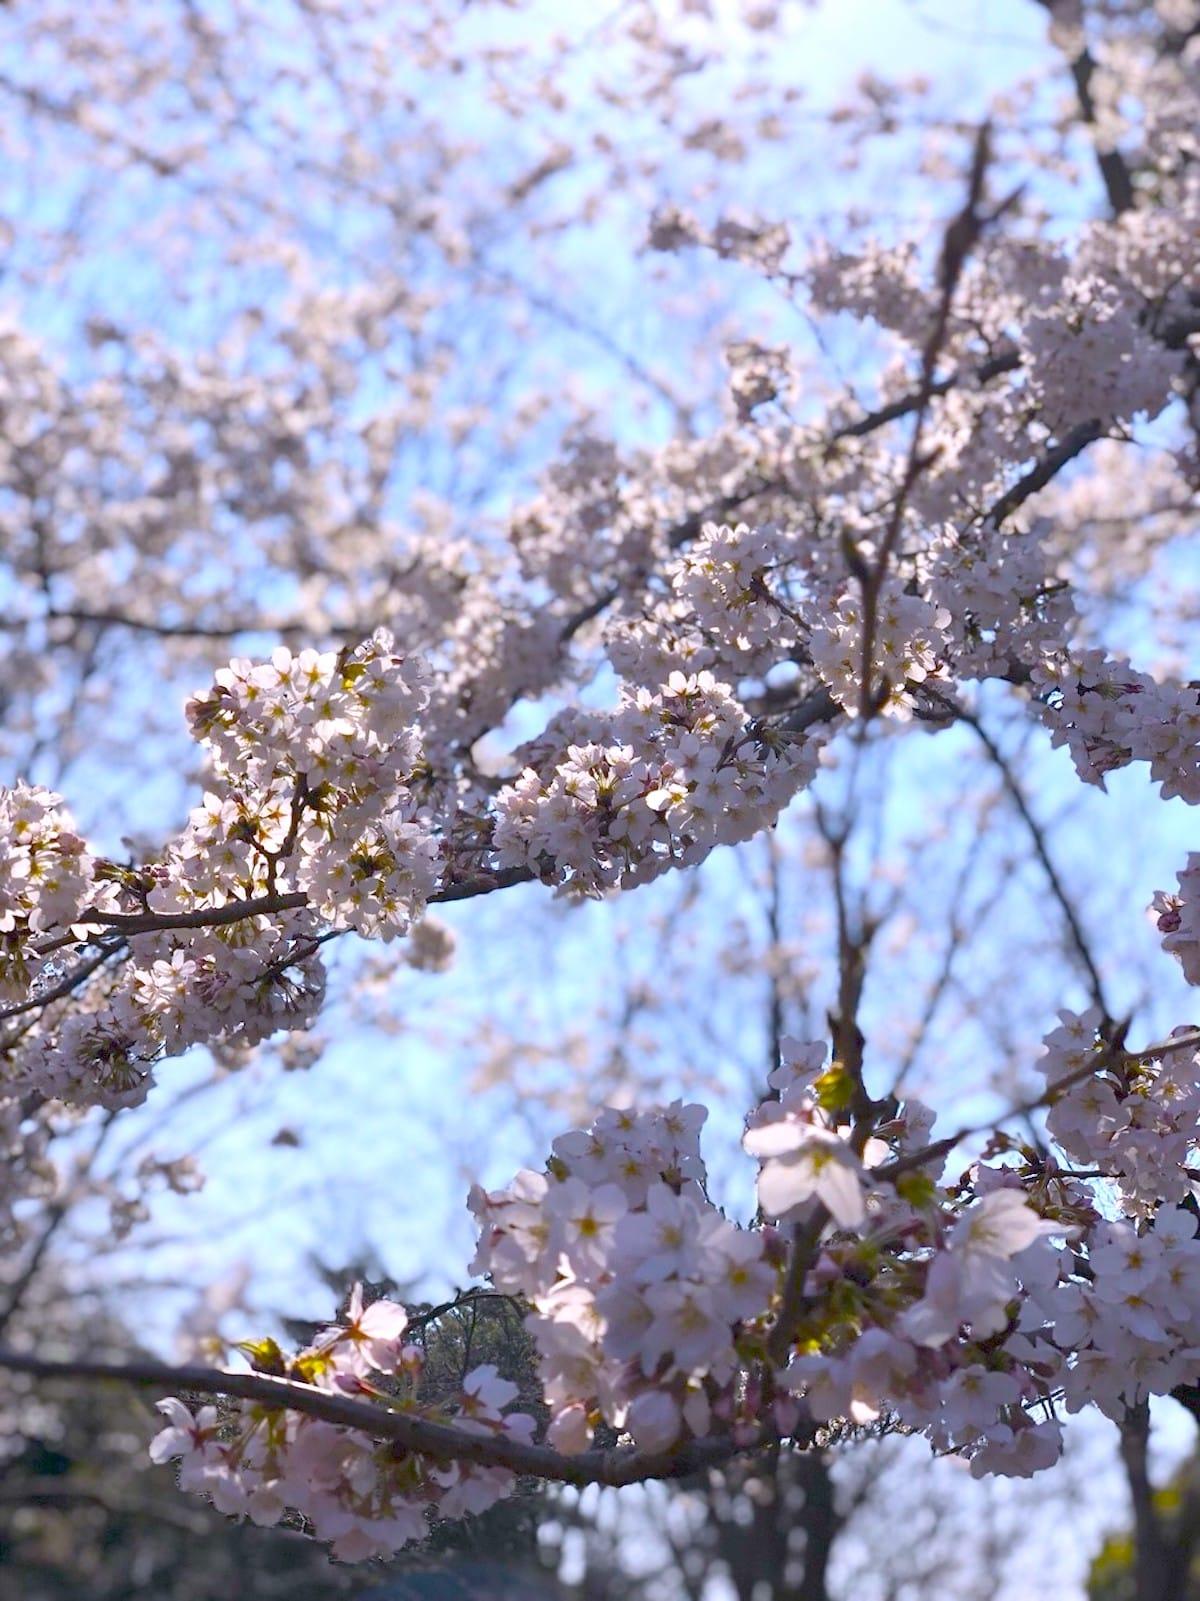 【調査ダヨ!】春が来た!みんながお花見で聴きたい音楽は? art_culture180328_hanami_songs_52-1200x1601